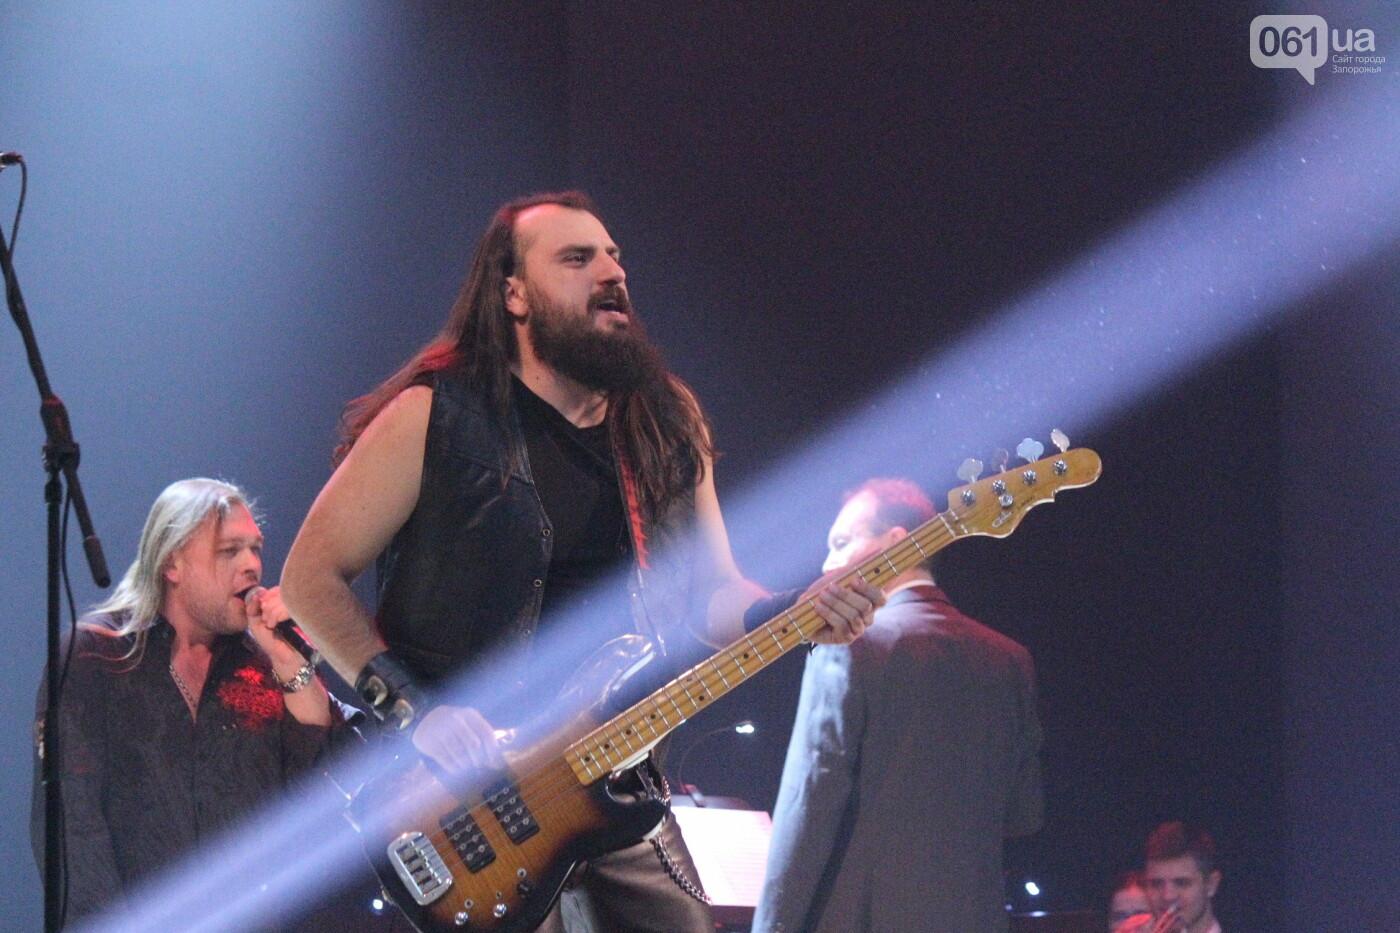 Тяжелый рок в симфоническом звучании: каким было Hard Rock Show в Запорожье, – ФОТОРЕПОРТАЖ, фото-21